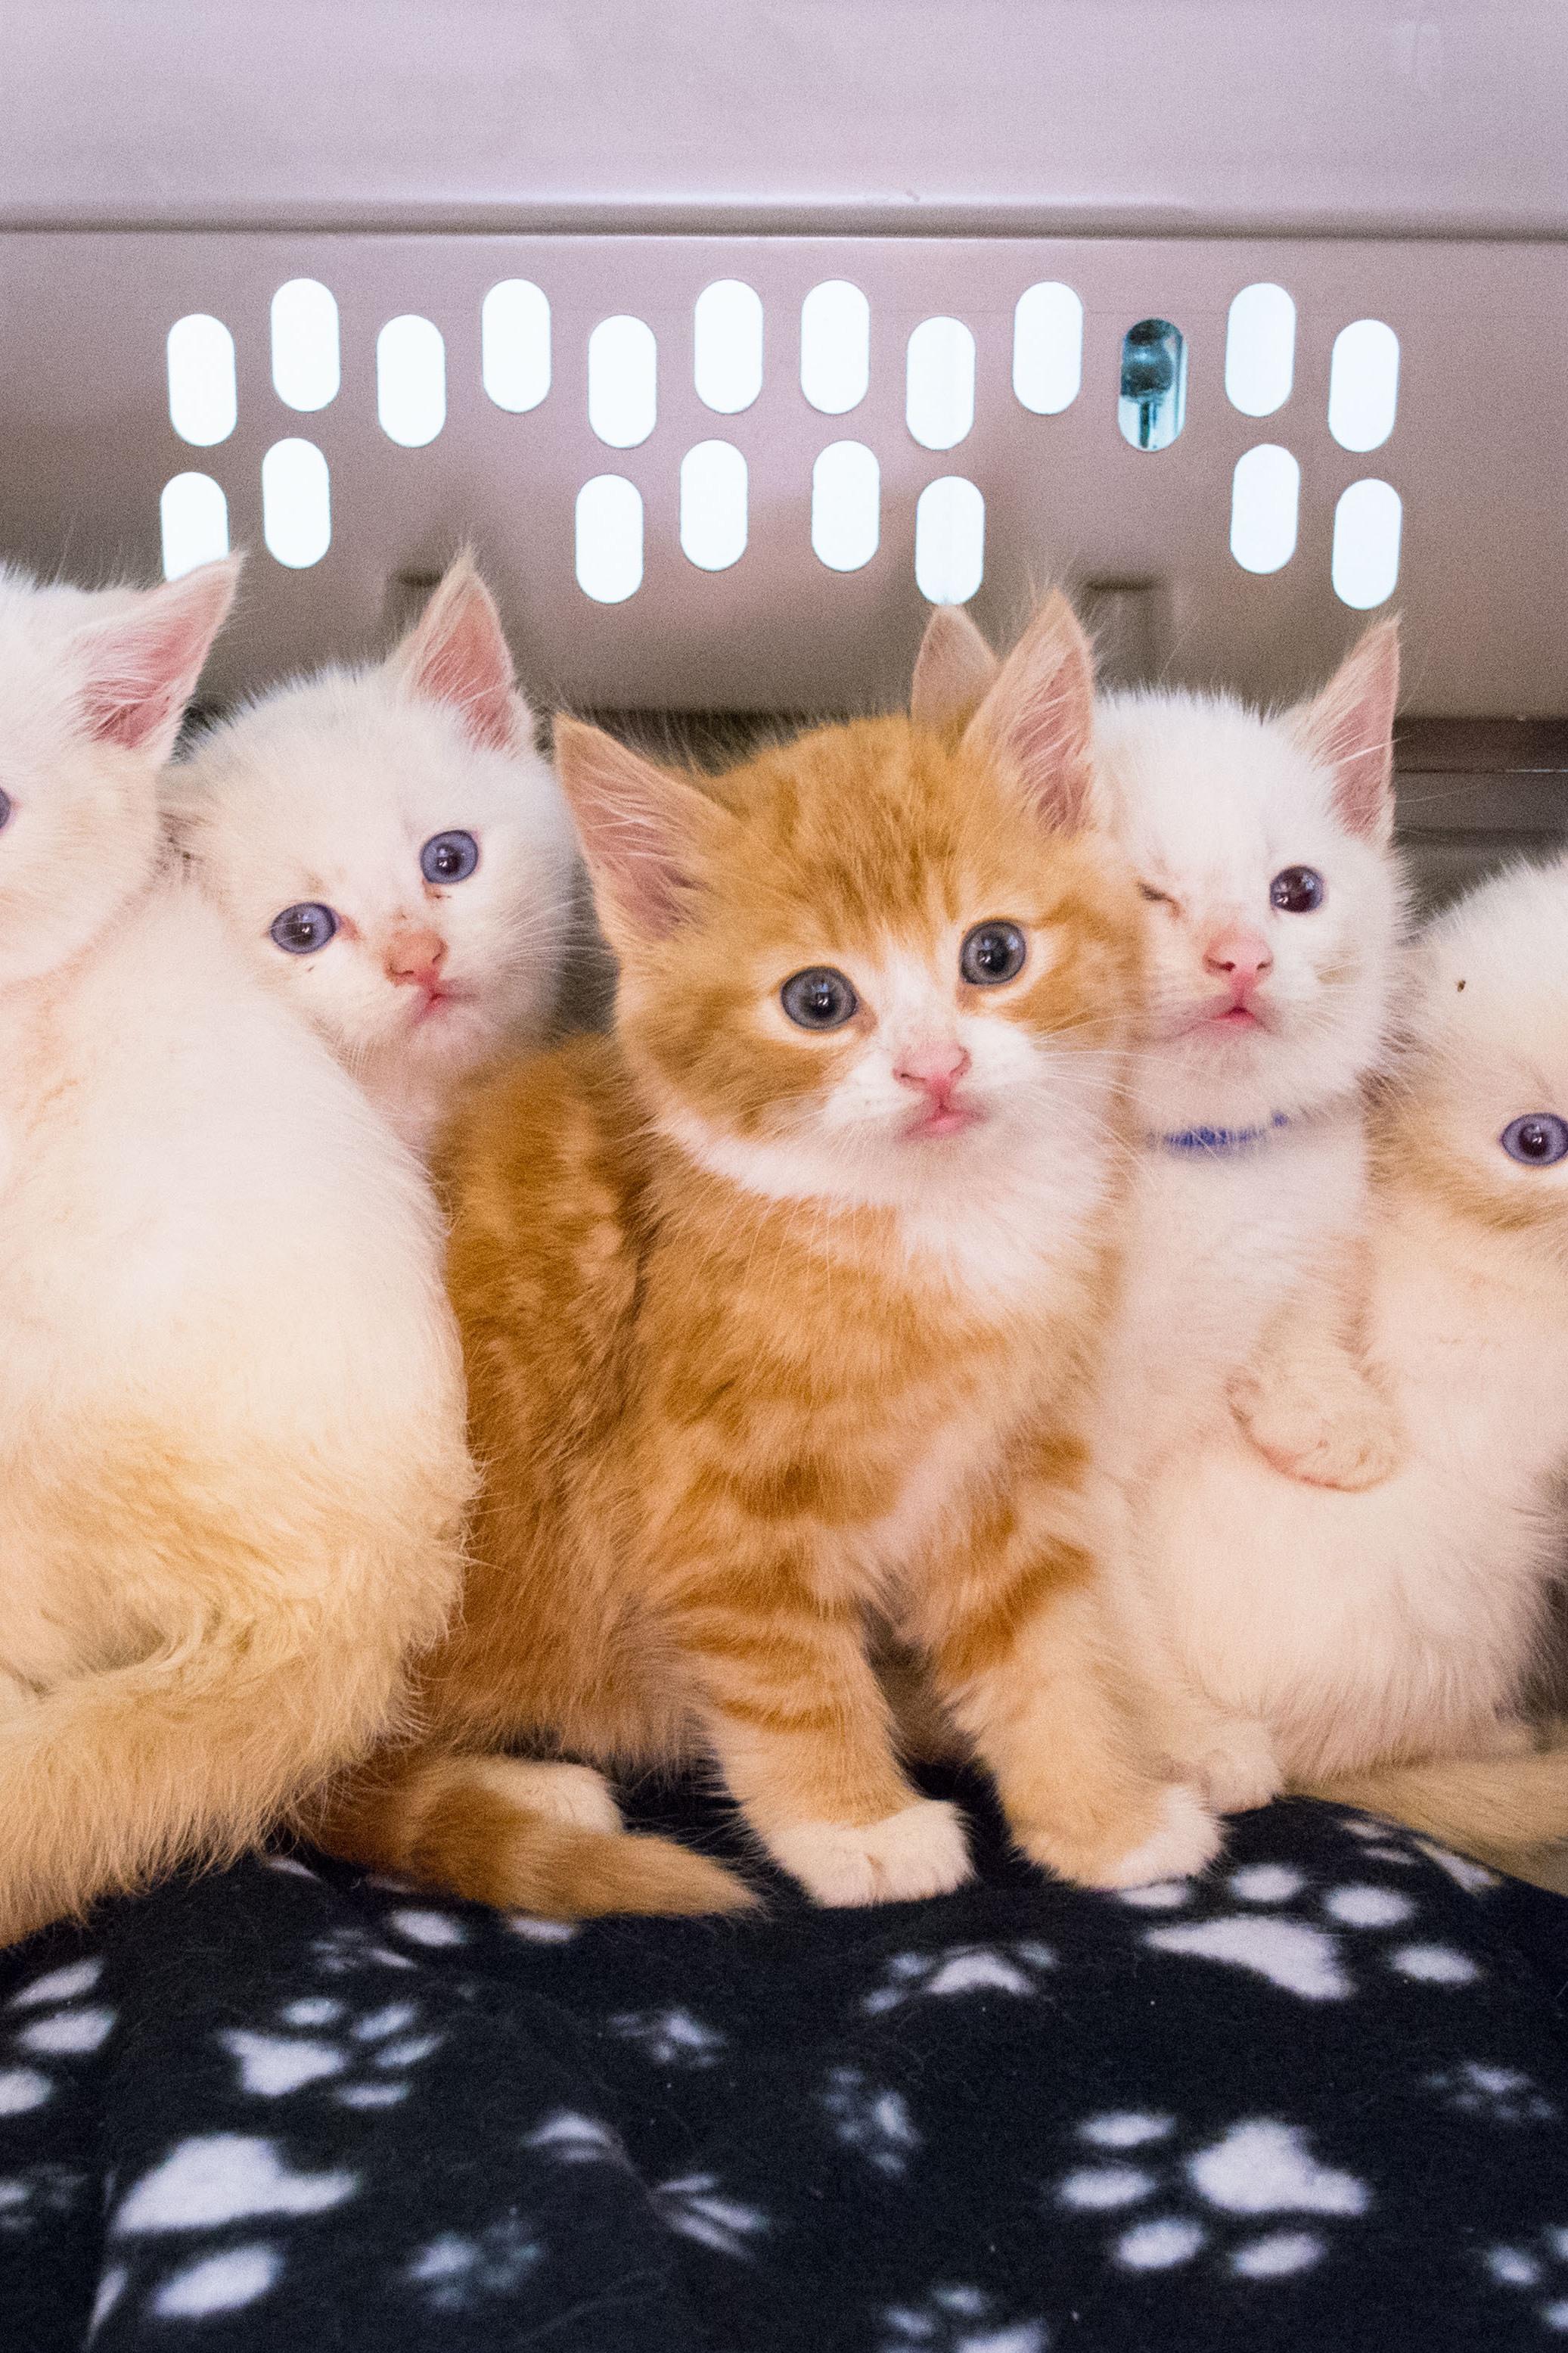 The Sesame Street Kittens on Livestream